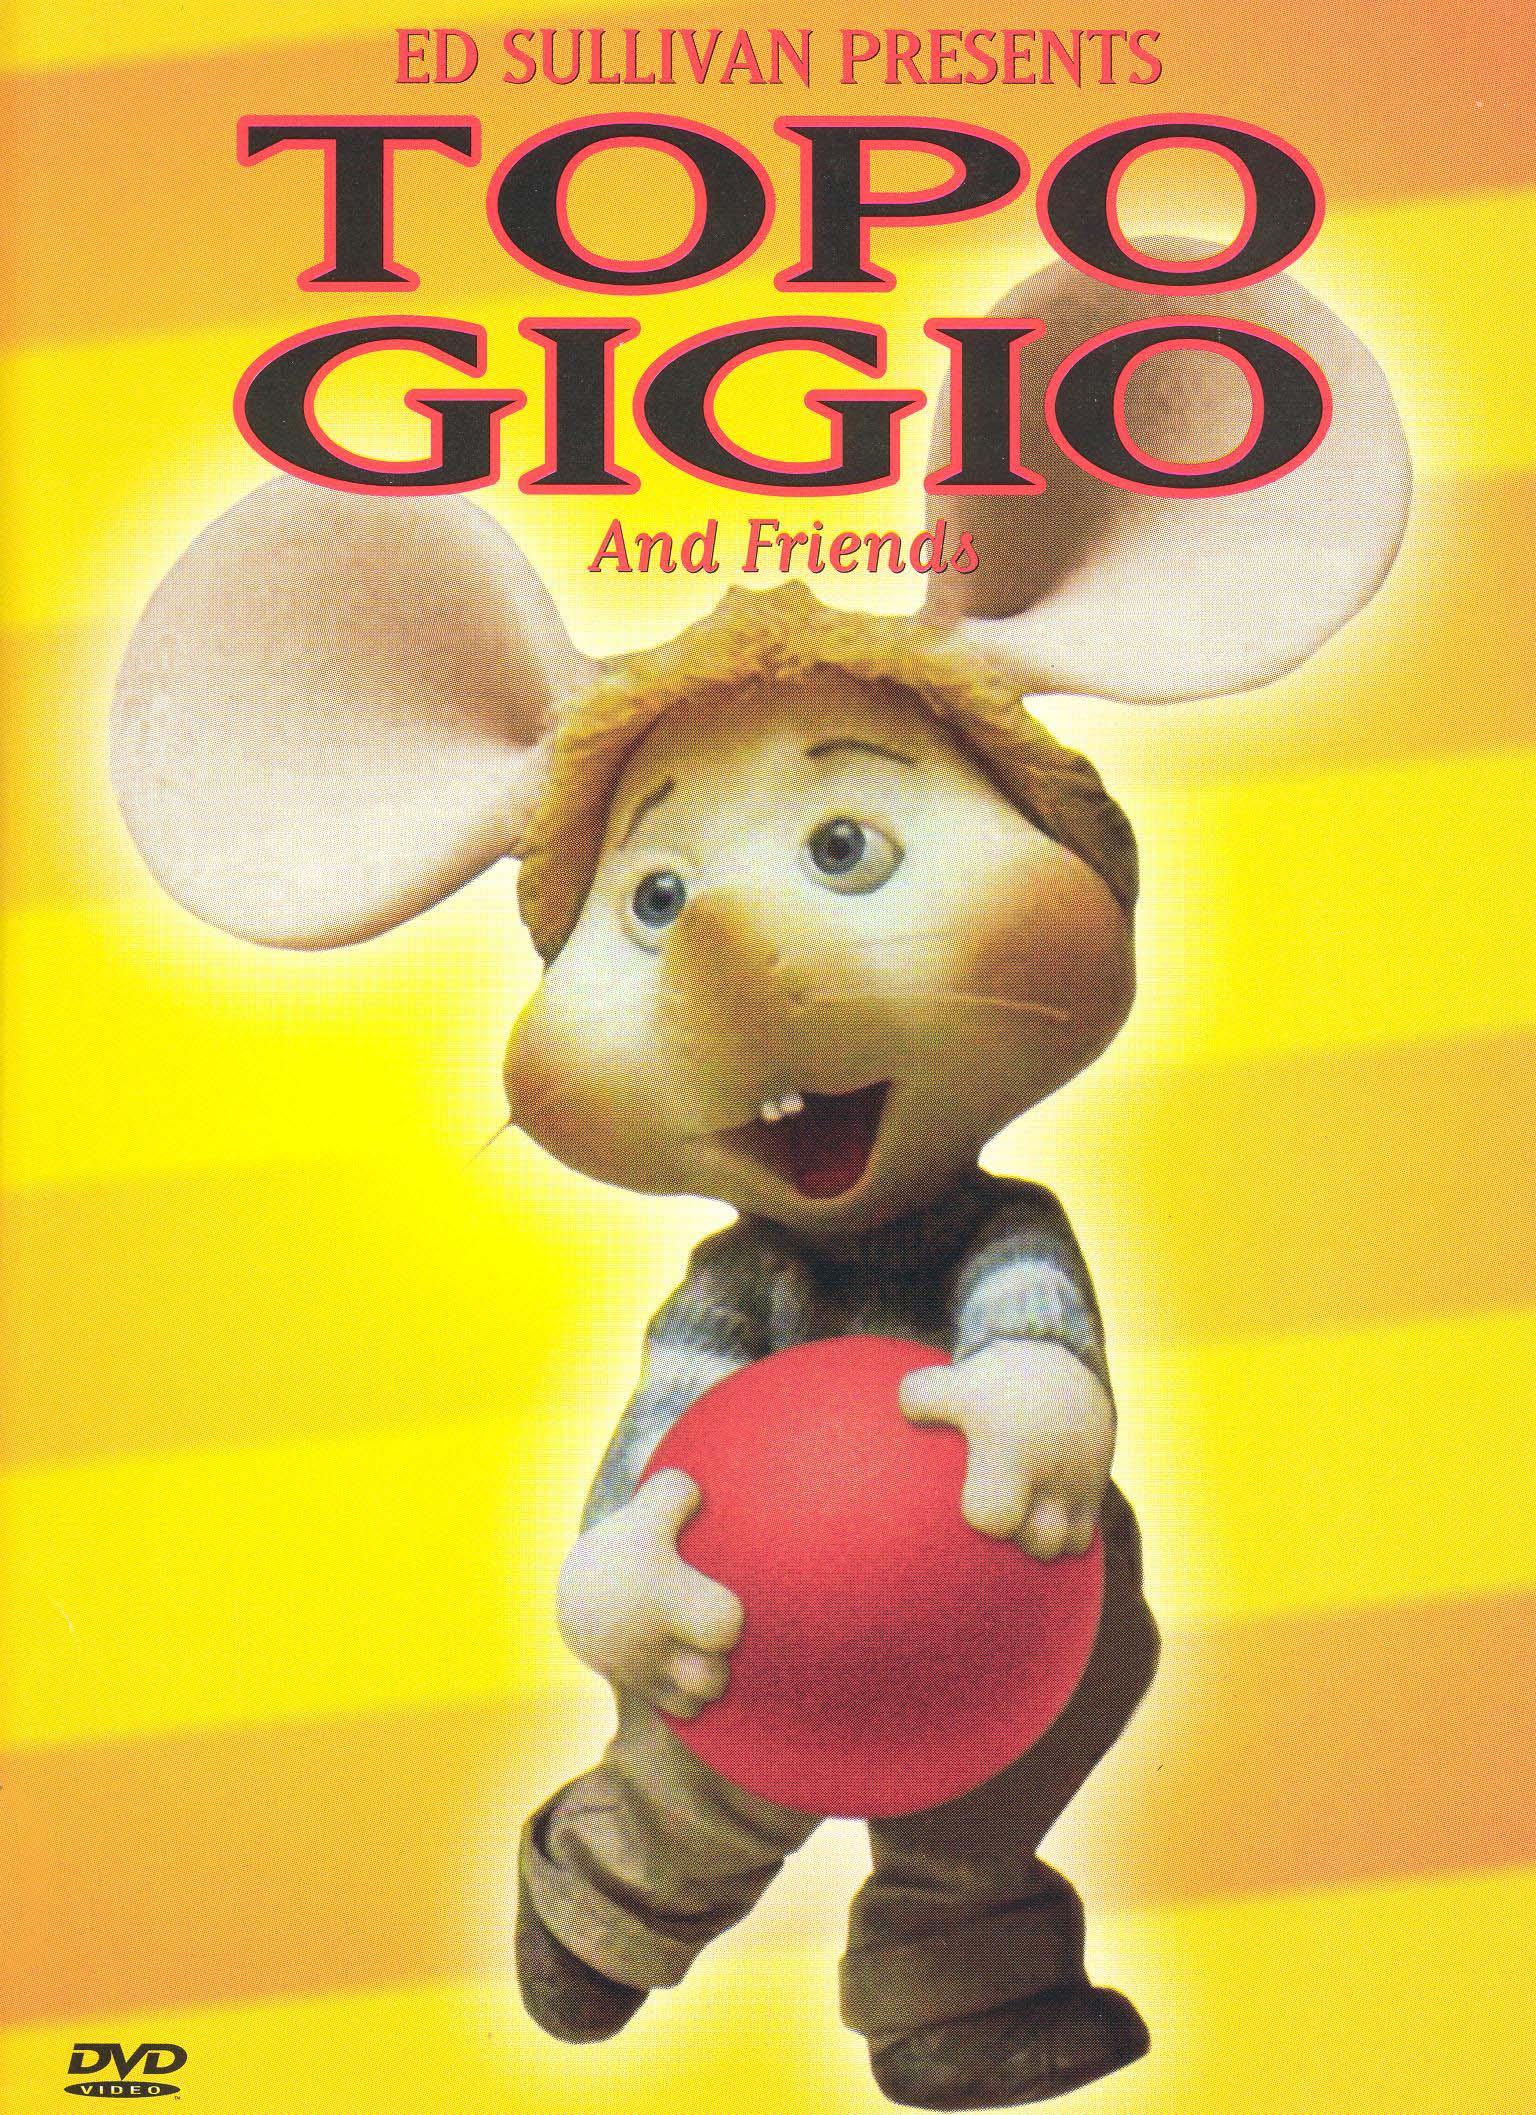 Ed Sullivan Topo Gigio And Friends 2003 Synopsis